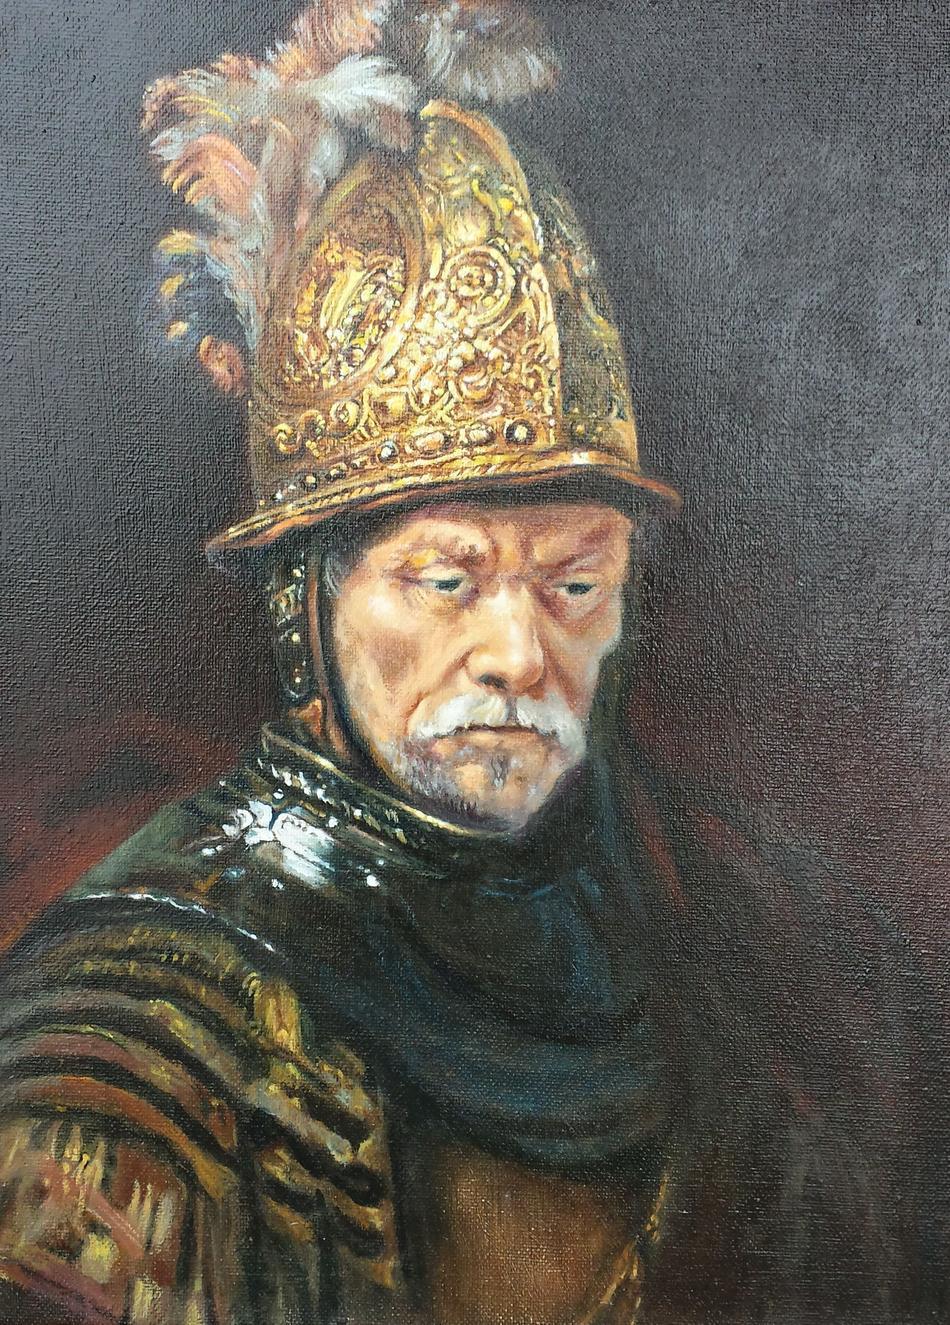 Kunstwerk Kopie Von Umkreis Rembrandt Der Mann Mit Dem Goldhelm Von